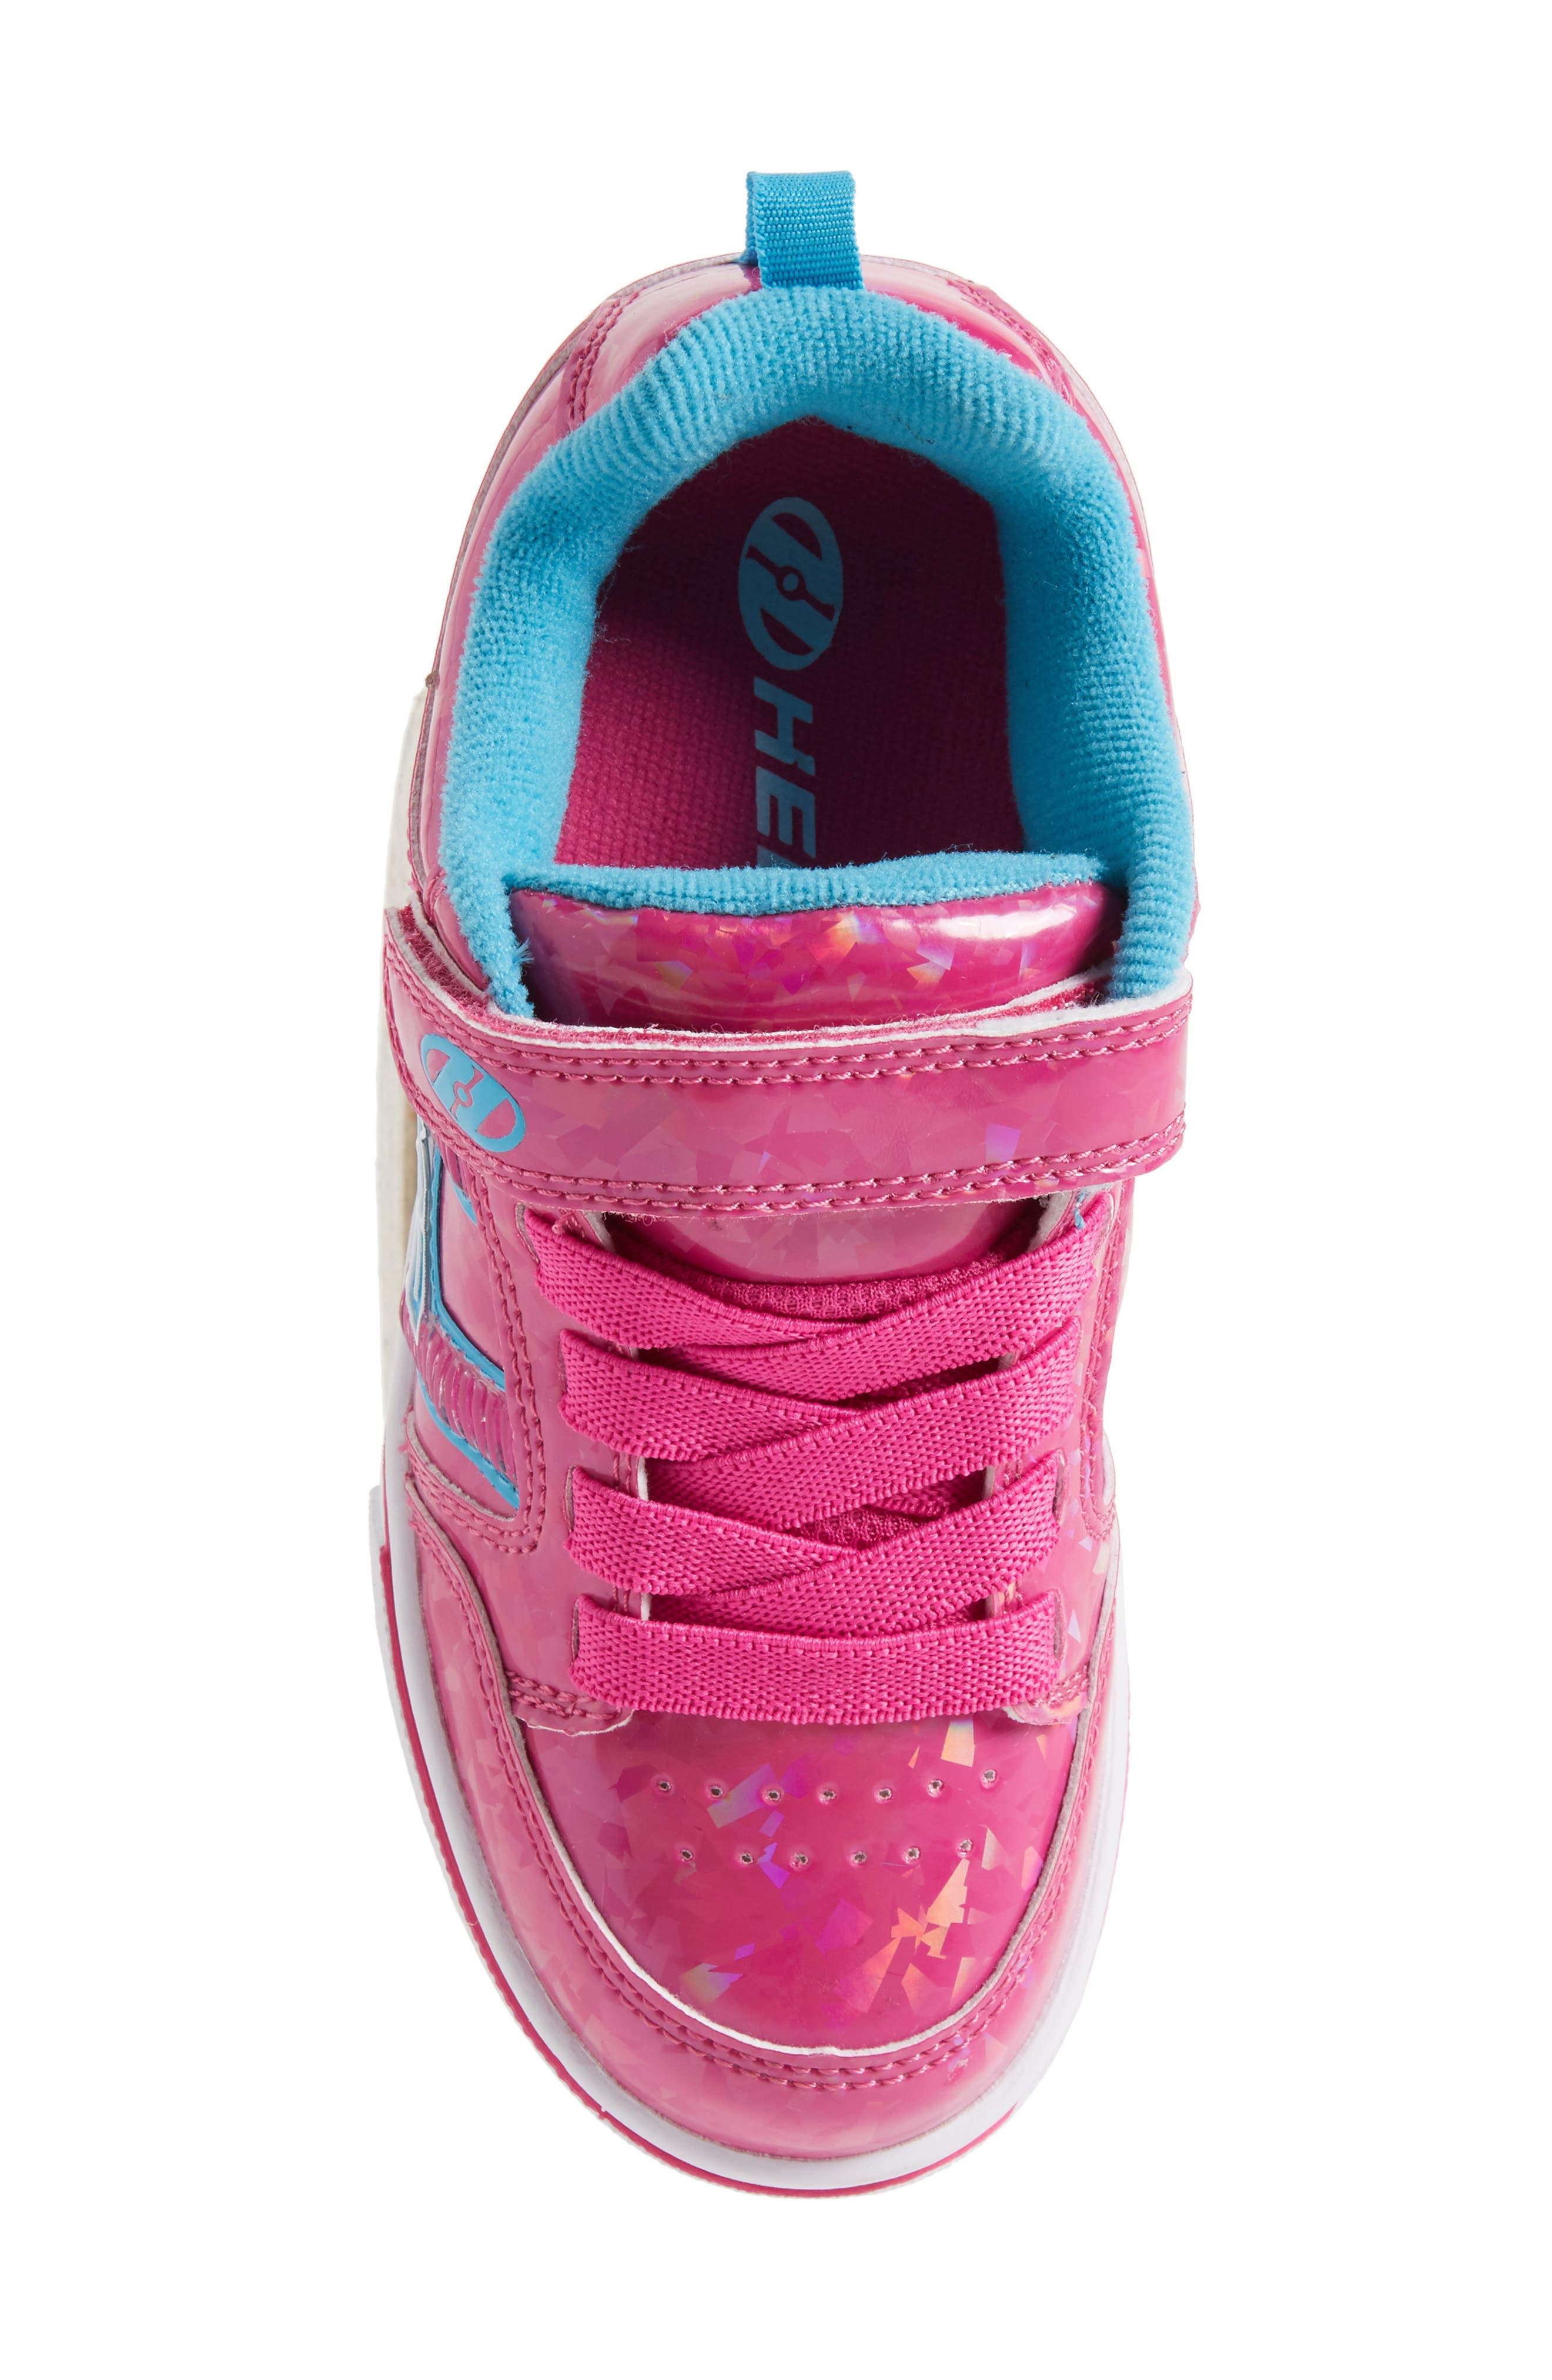 Bolt Plus X2 Light-Up Skate Sneaker,                             Alternate thumbnail 5, color,                             Hot Pink Hologram/ Neon Blue